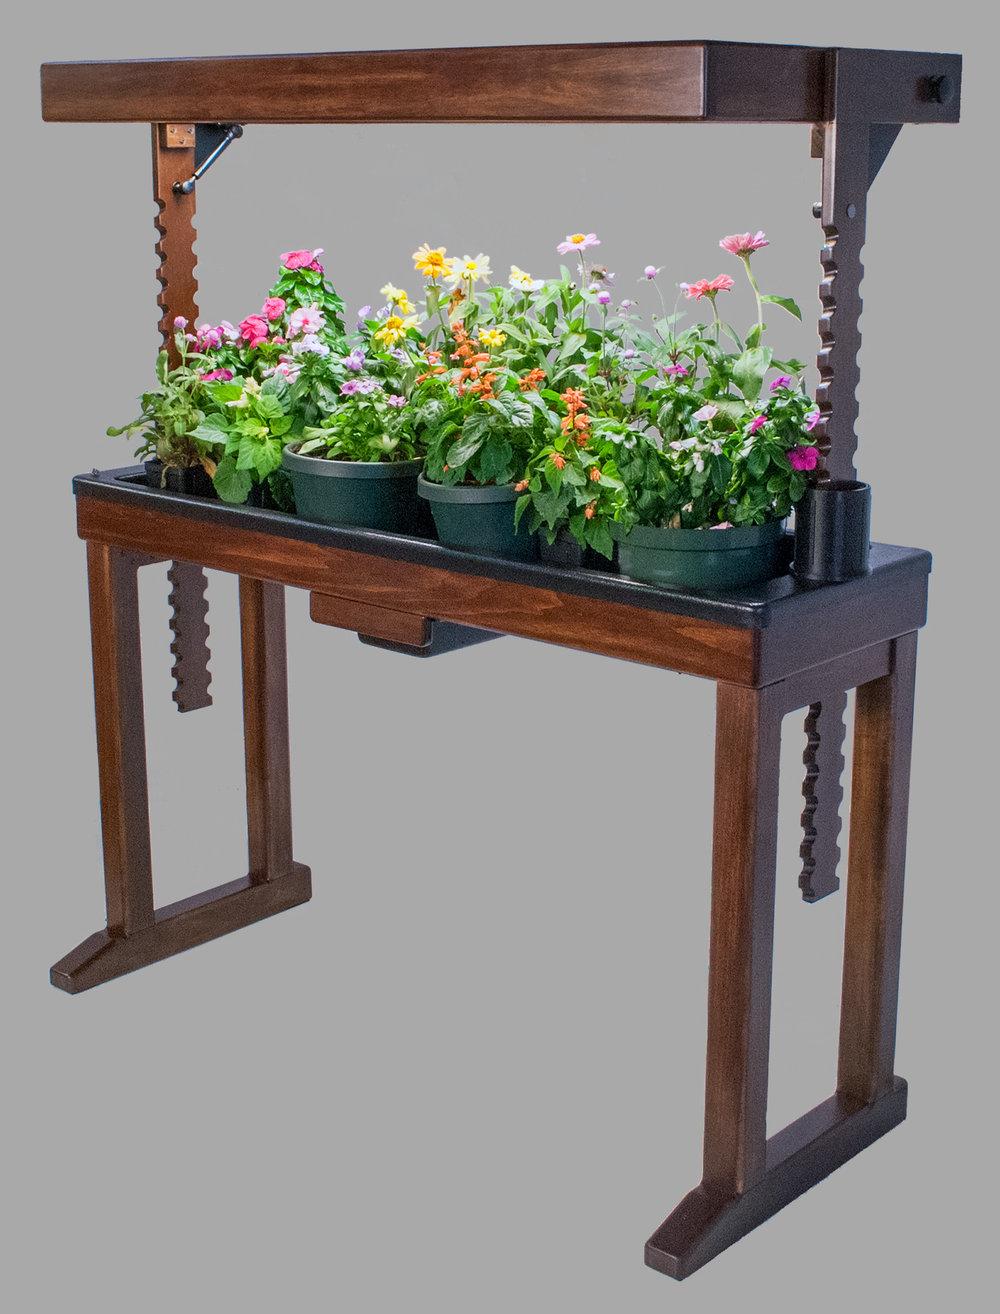 BloomInLight Indoor Gardening System With Built-In Grow Lights